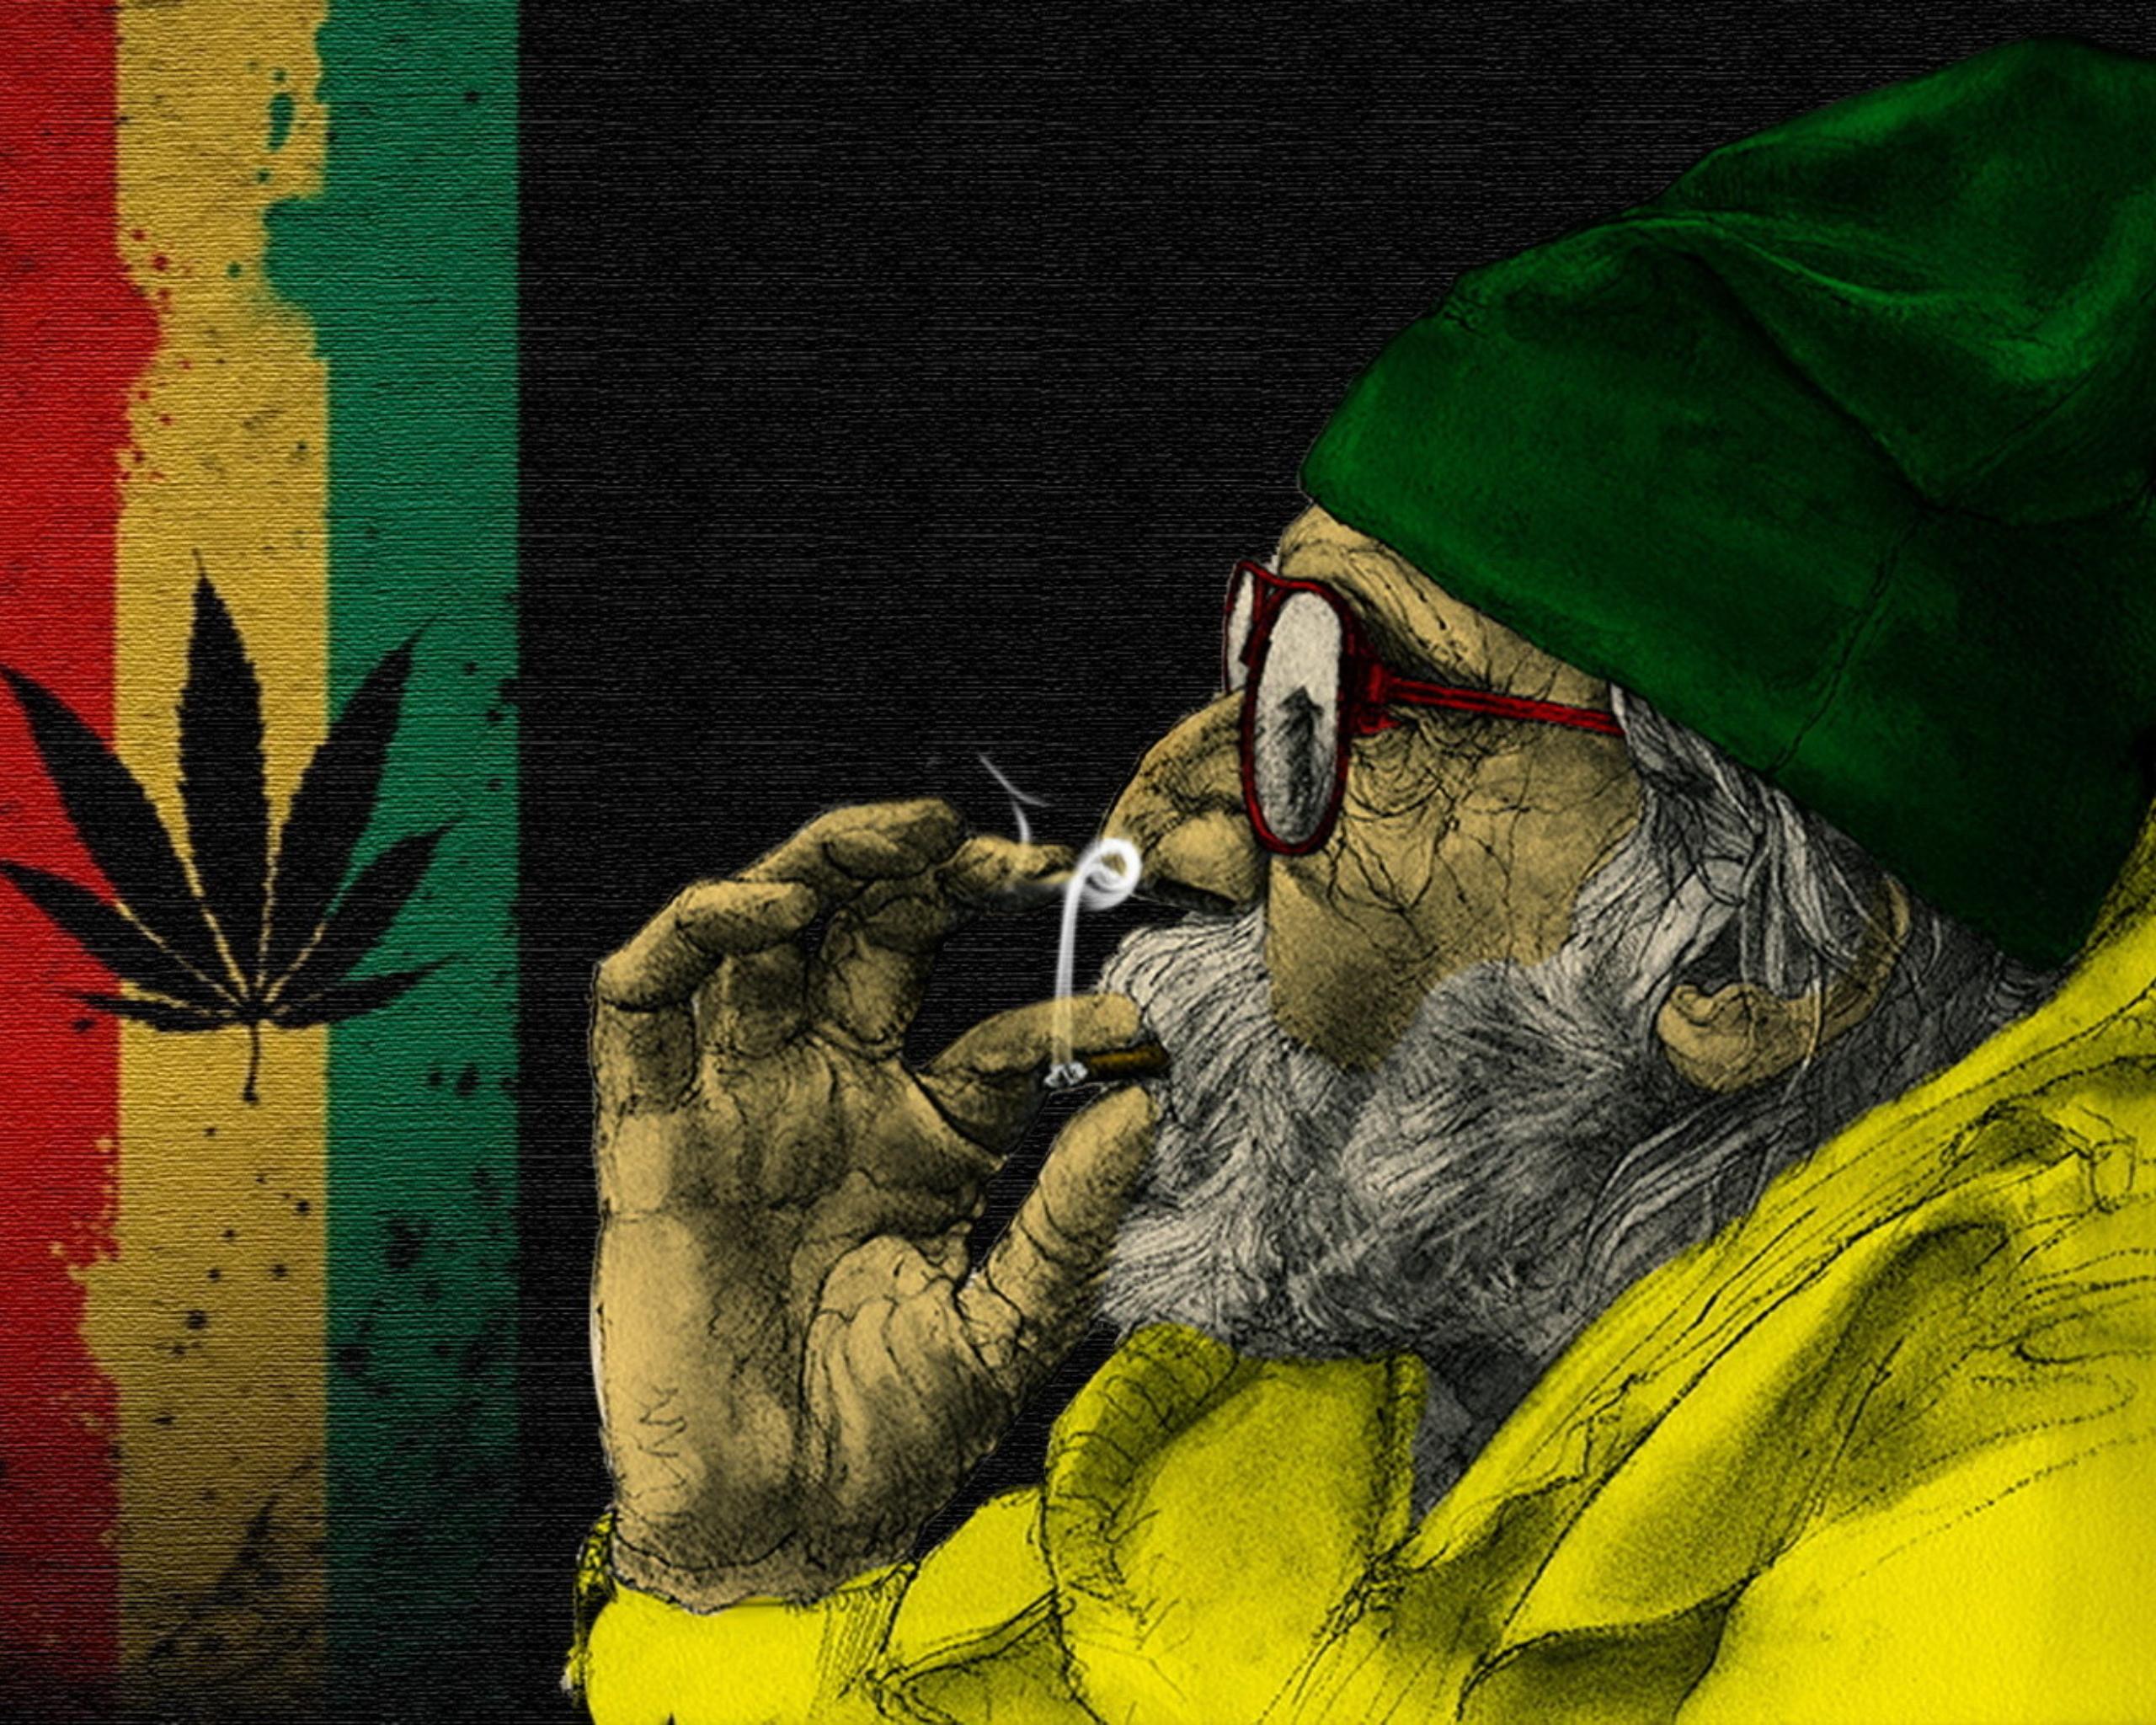 Скачать бесплатно картинки конопли на телефон поставщик марихуаны